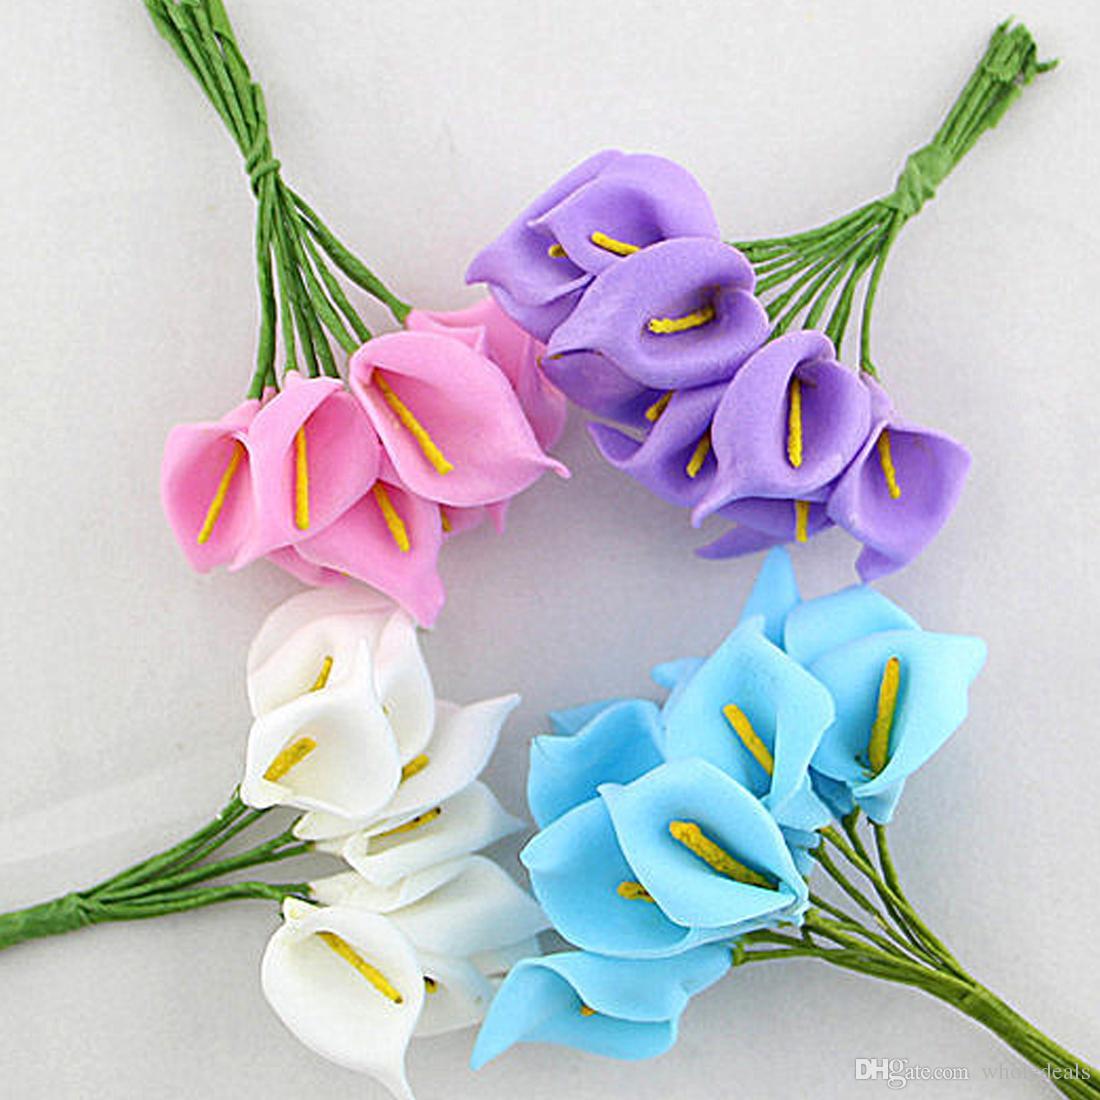 12 pz / lotto Mini Schiuma Calla Handmade Artificiale Bouquet di Fiori Decorazione di Cerimonia Nuziale FAI DA TE Scatola Regalo Scrapbooking Mestiere Fiore Finto